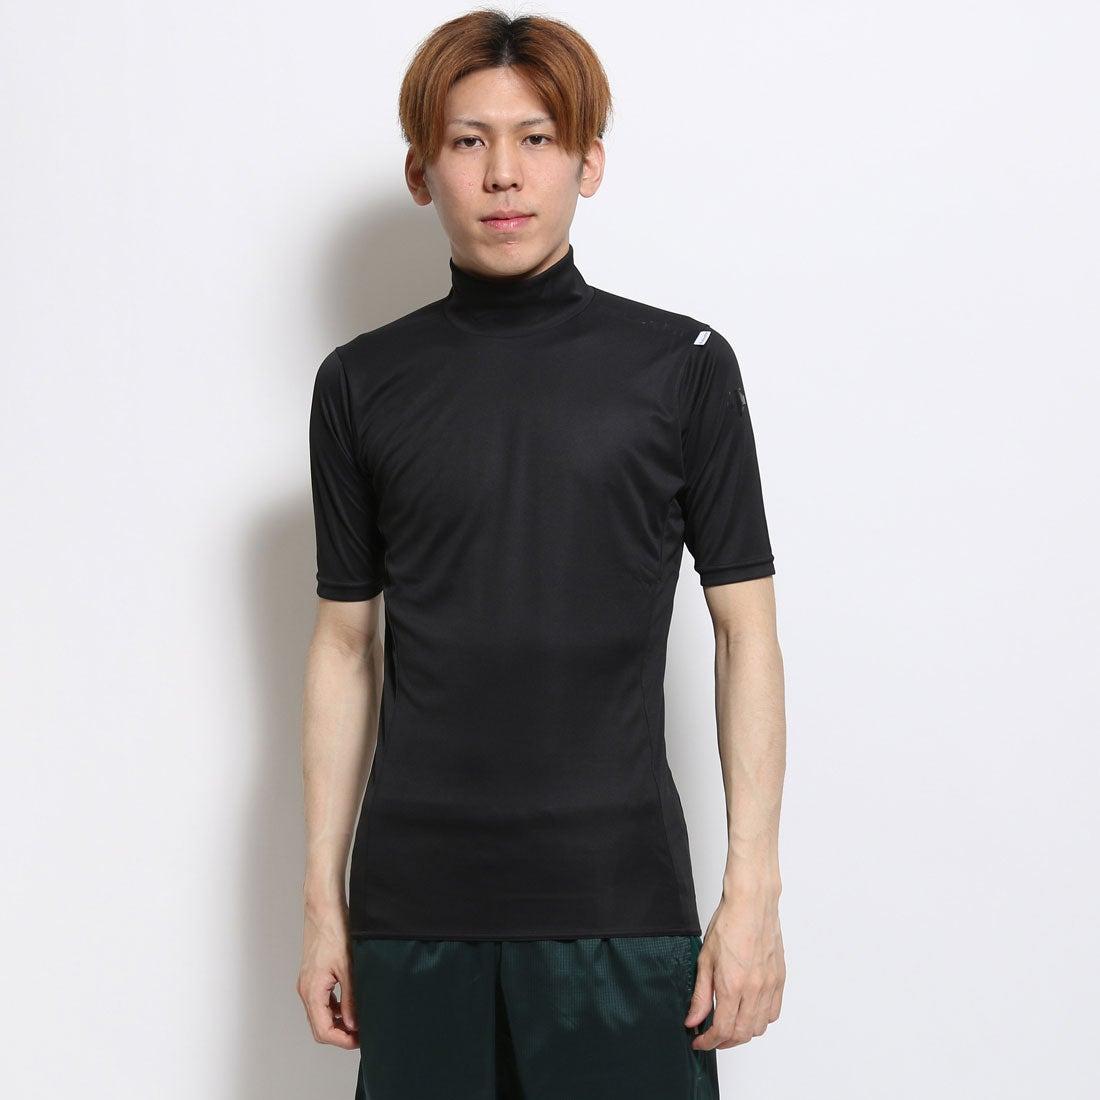 ロコンド 靴とファッションの通販サイトデサント descent 野球アンダーシャツ リラックスフィット DOR-A7335 ブラック